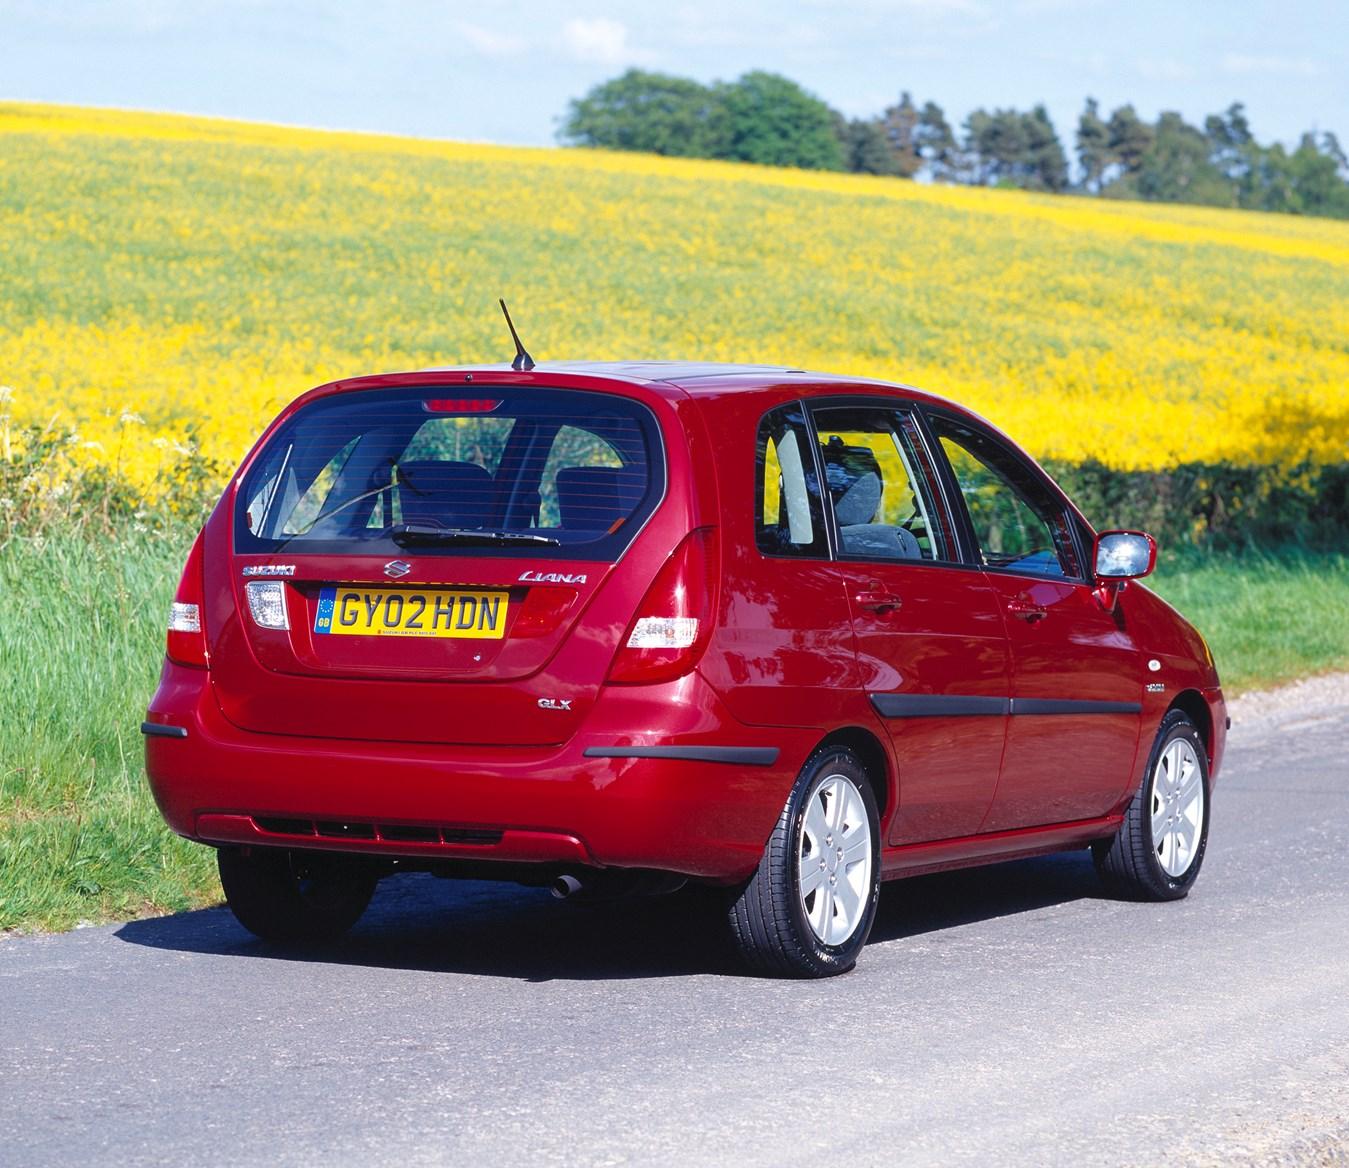 Suzuki Liana Hatchback (2001 - 2007) Photos